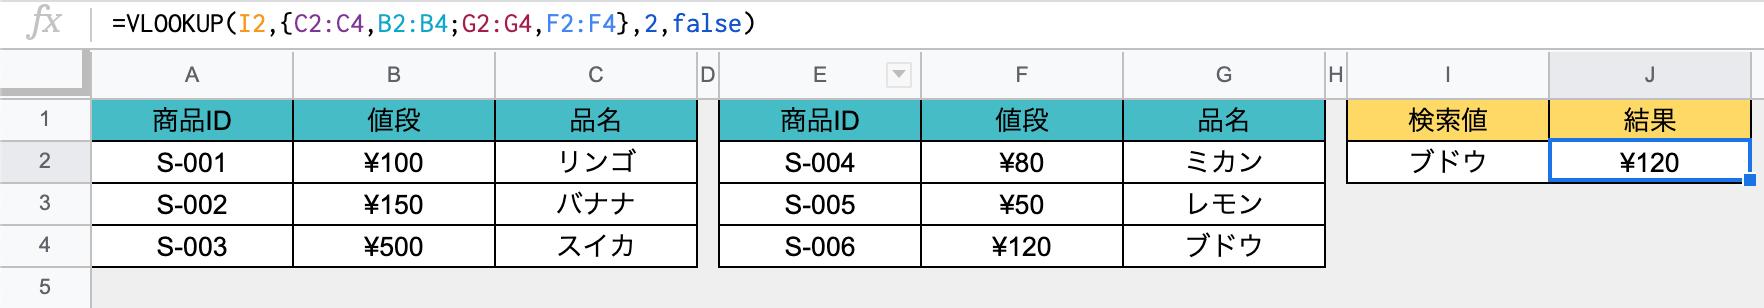 スクリーンショット 2021-01-06 11.08.59.png